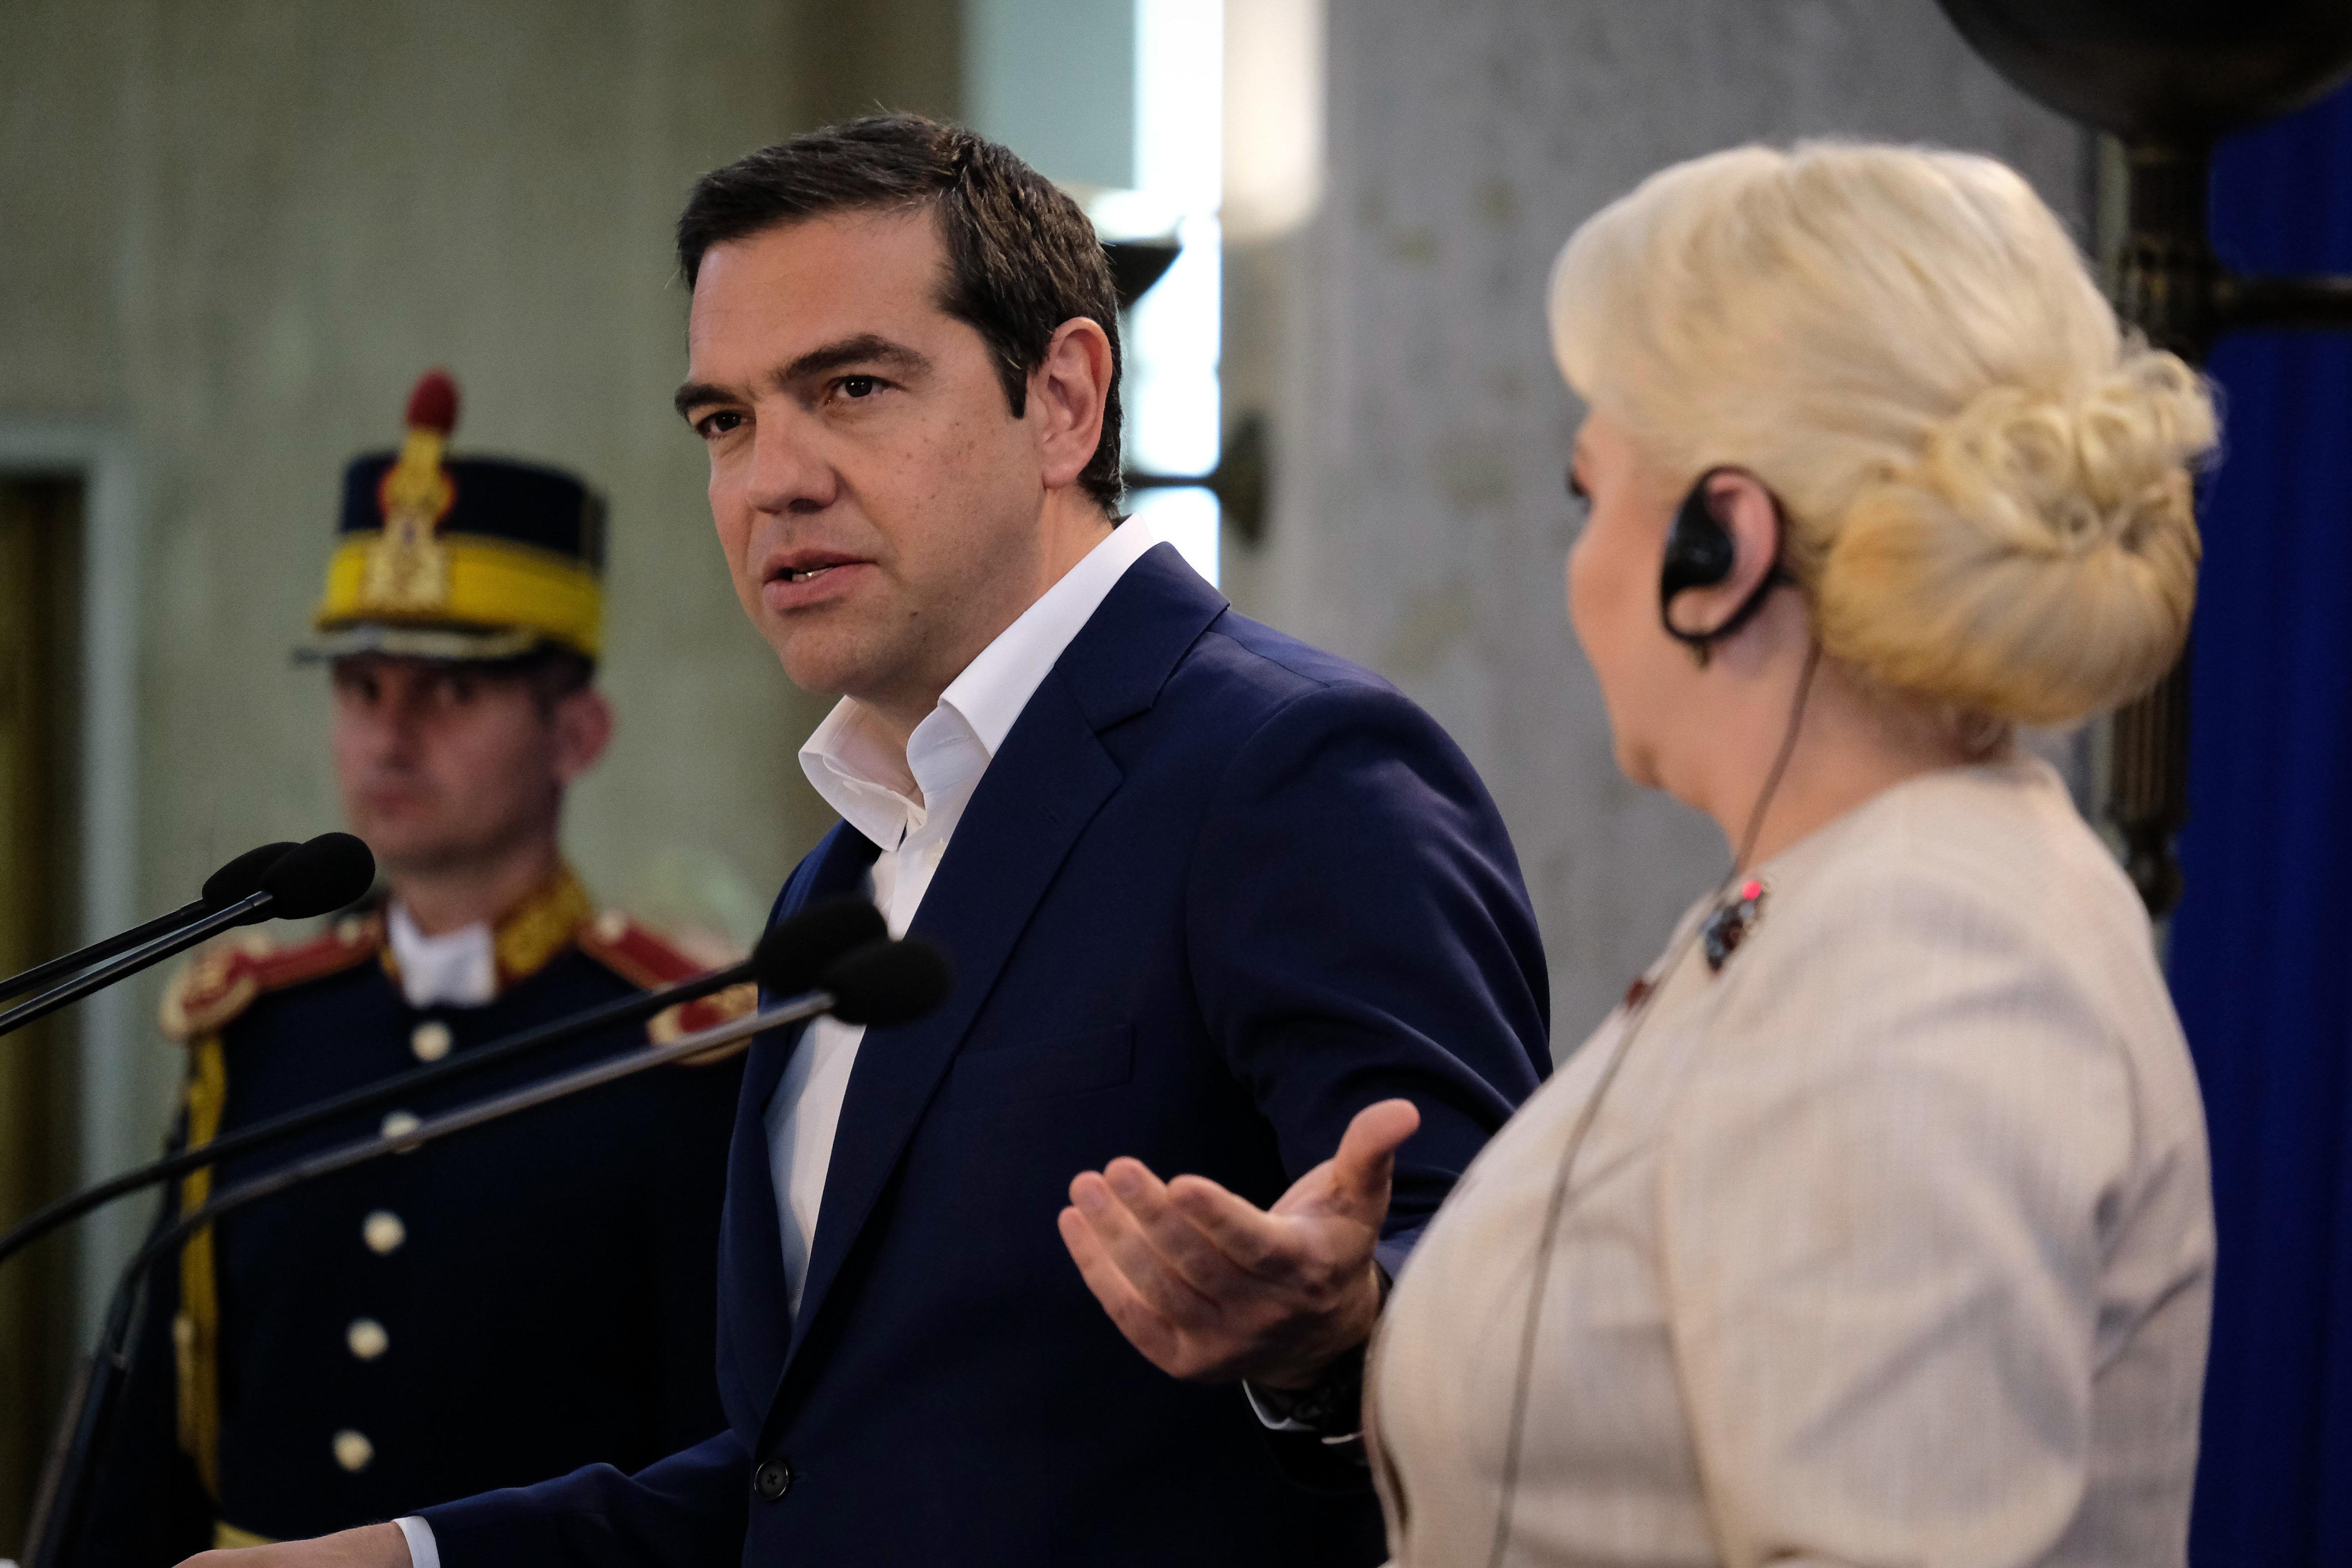 Τσίπρας: Ελλάδα και Ρουμανία οι πιο ισχυρές χώρες στη νοτιοανατολική